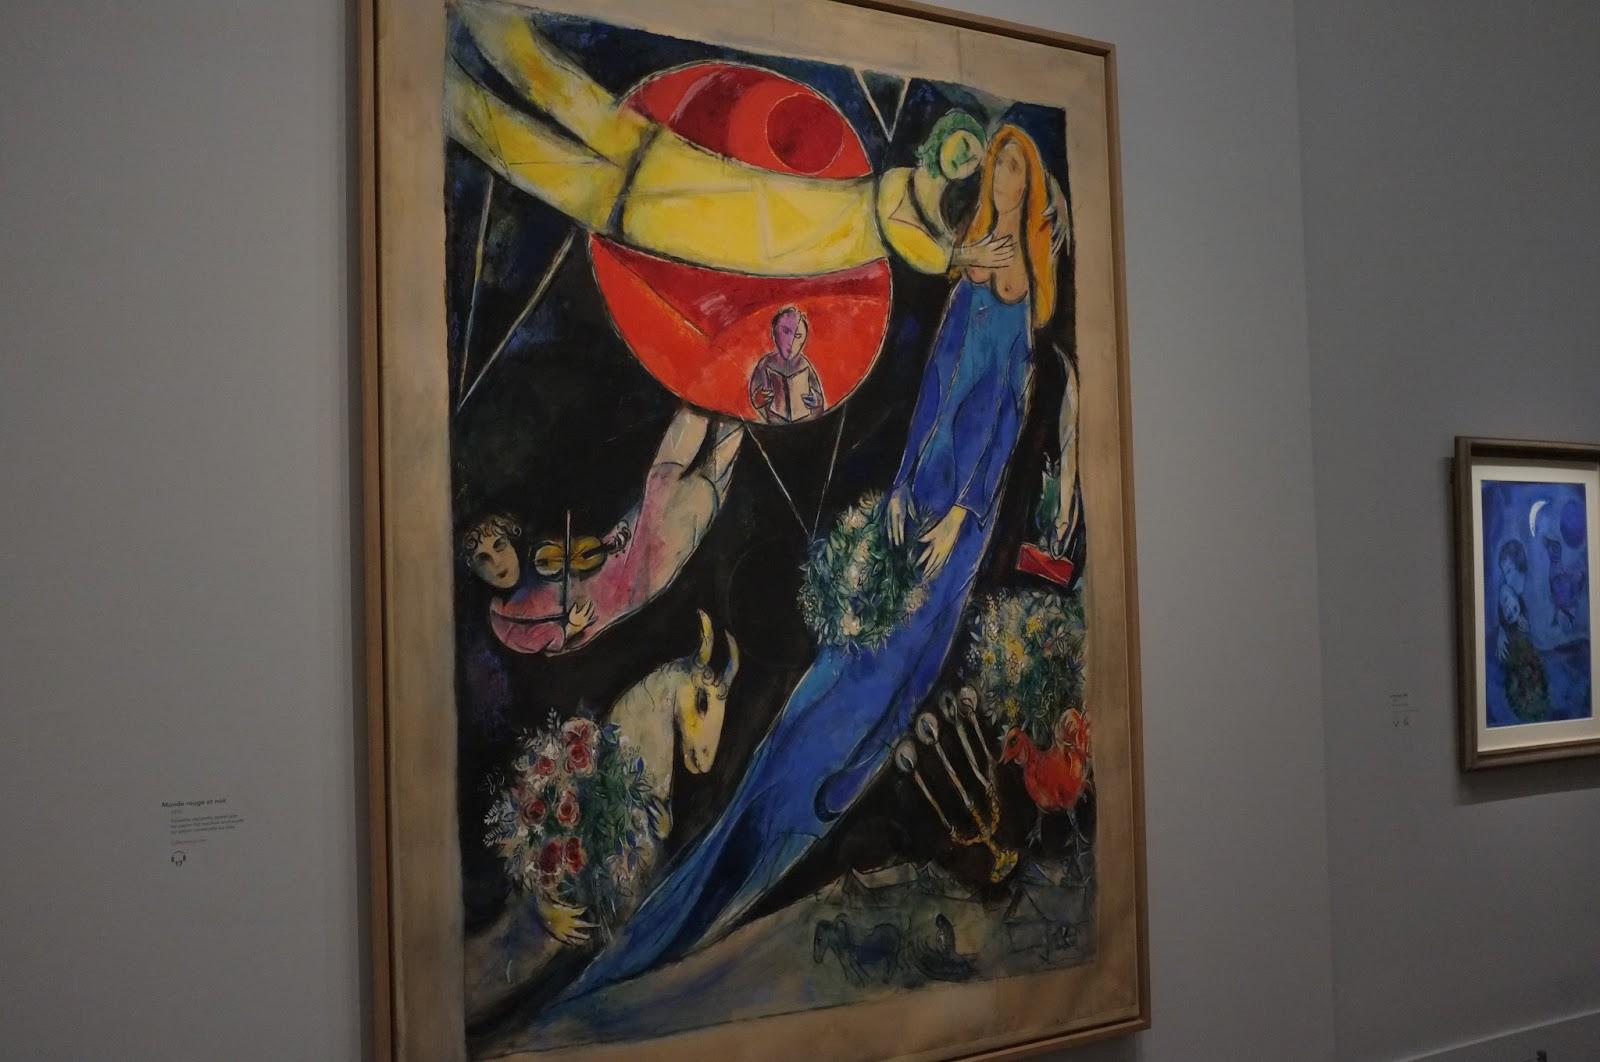 Bonjour le jour chagall entre guerre et paix for Par la fenetre ouverte bonjour le jour